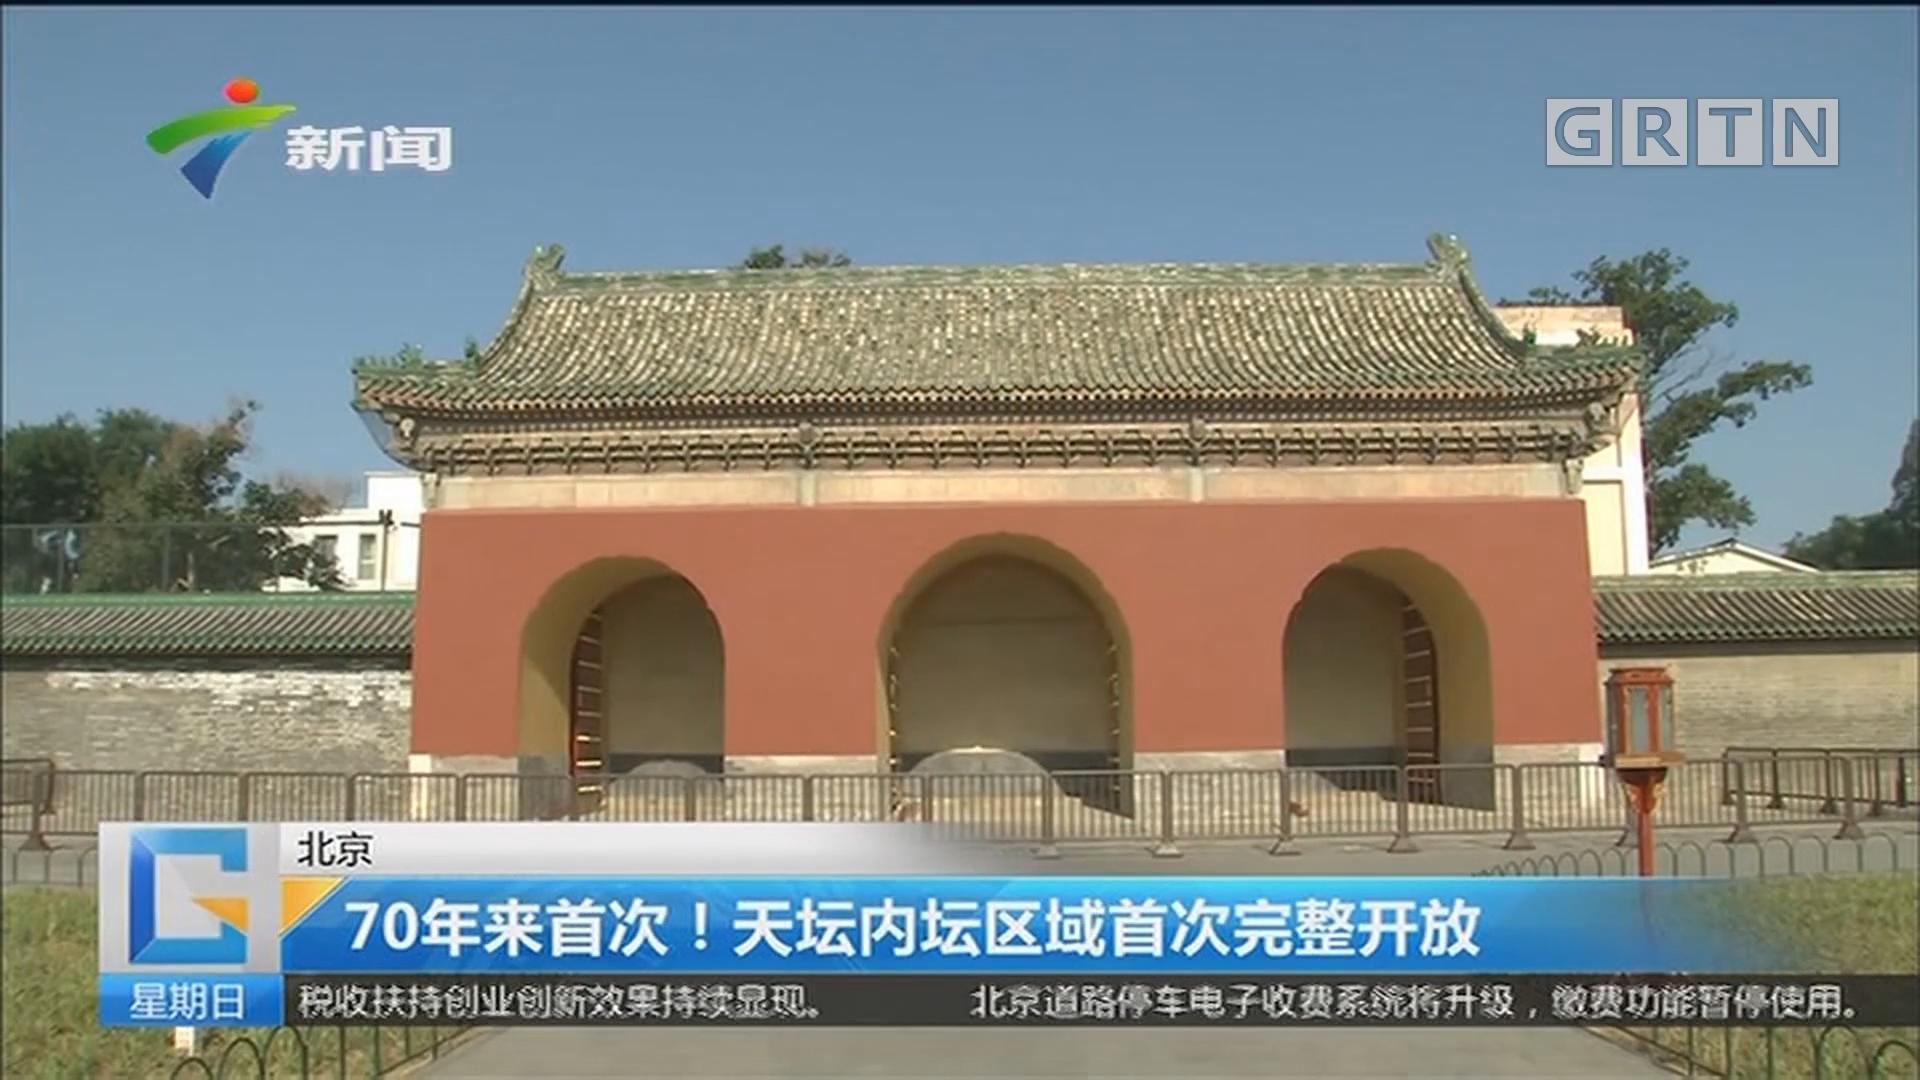 北京:70年来首次!天坛内坛区域首次完整开放